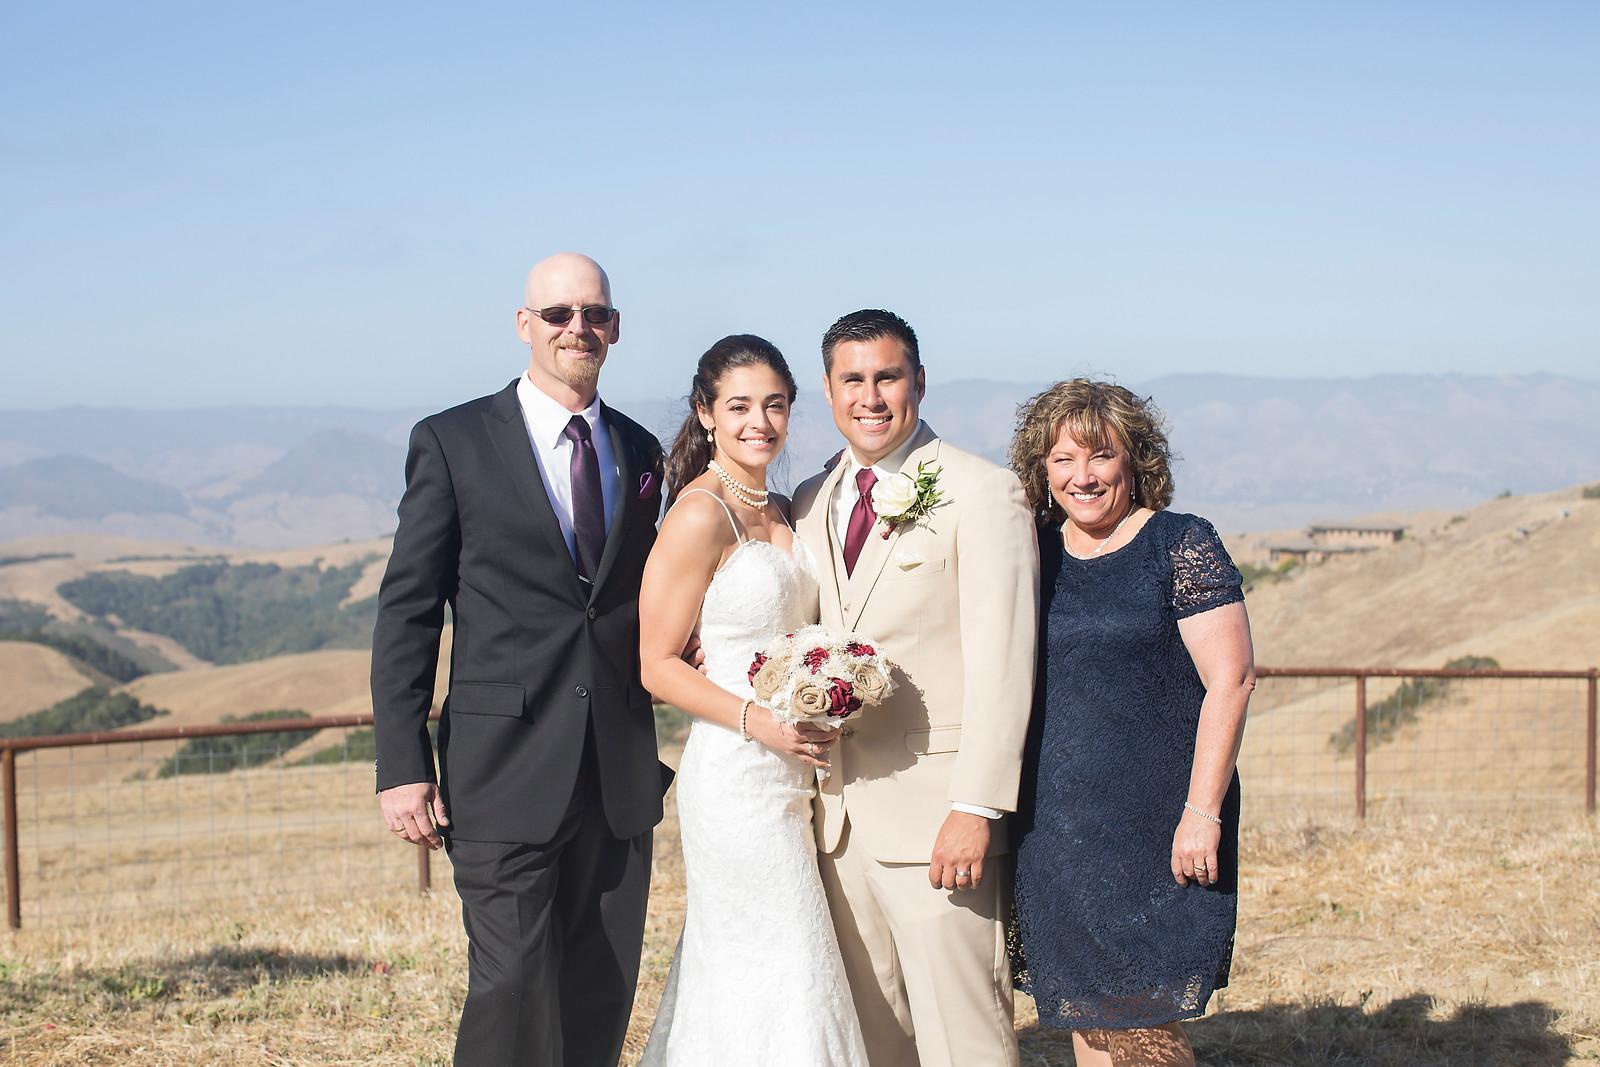 a_Ryan+Allyson_Renoda Campbell Photography_San Luis Obispo Wedding Photographer-9754